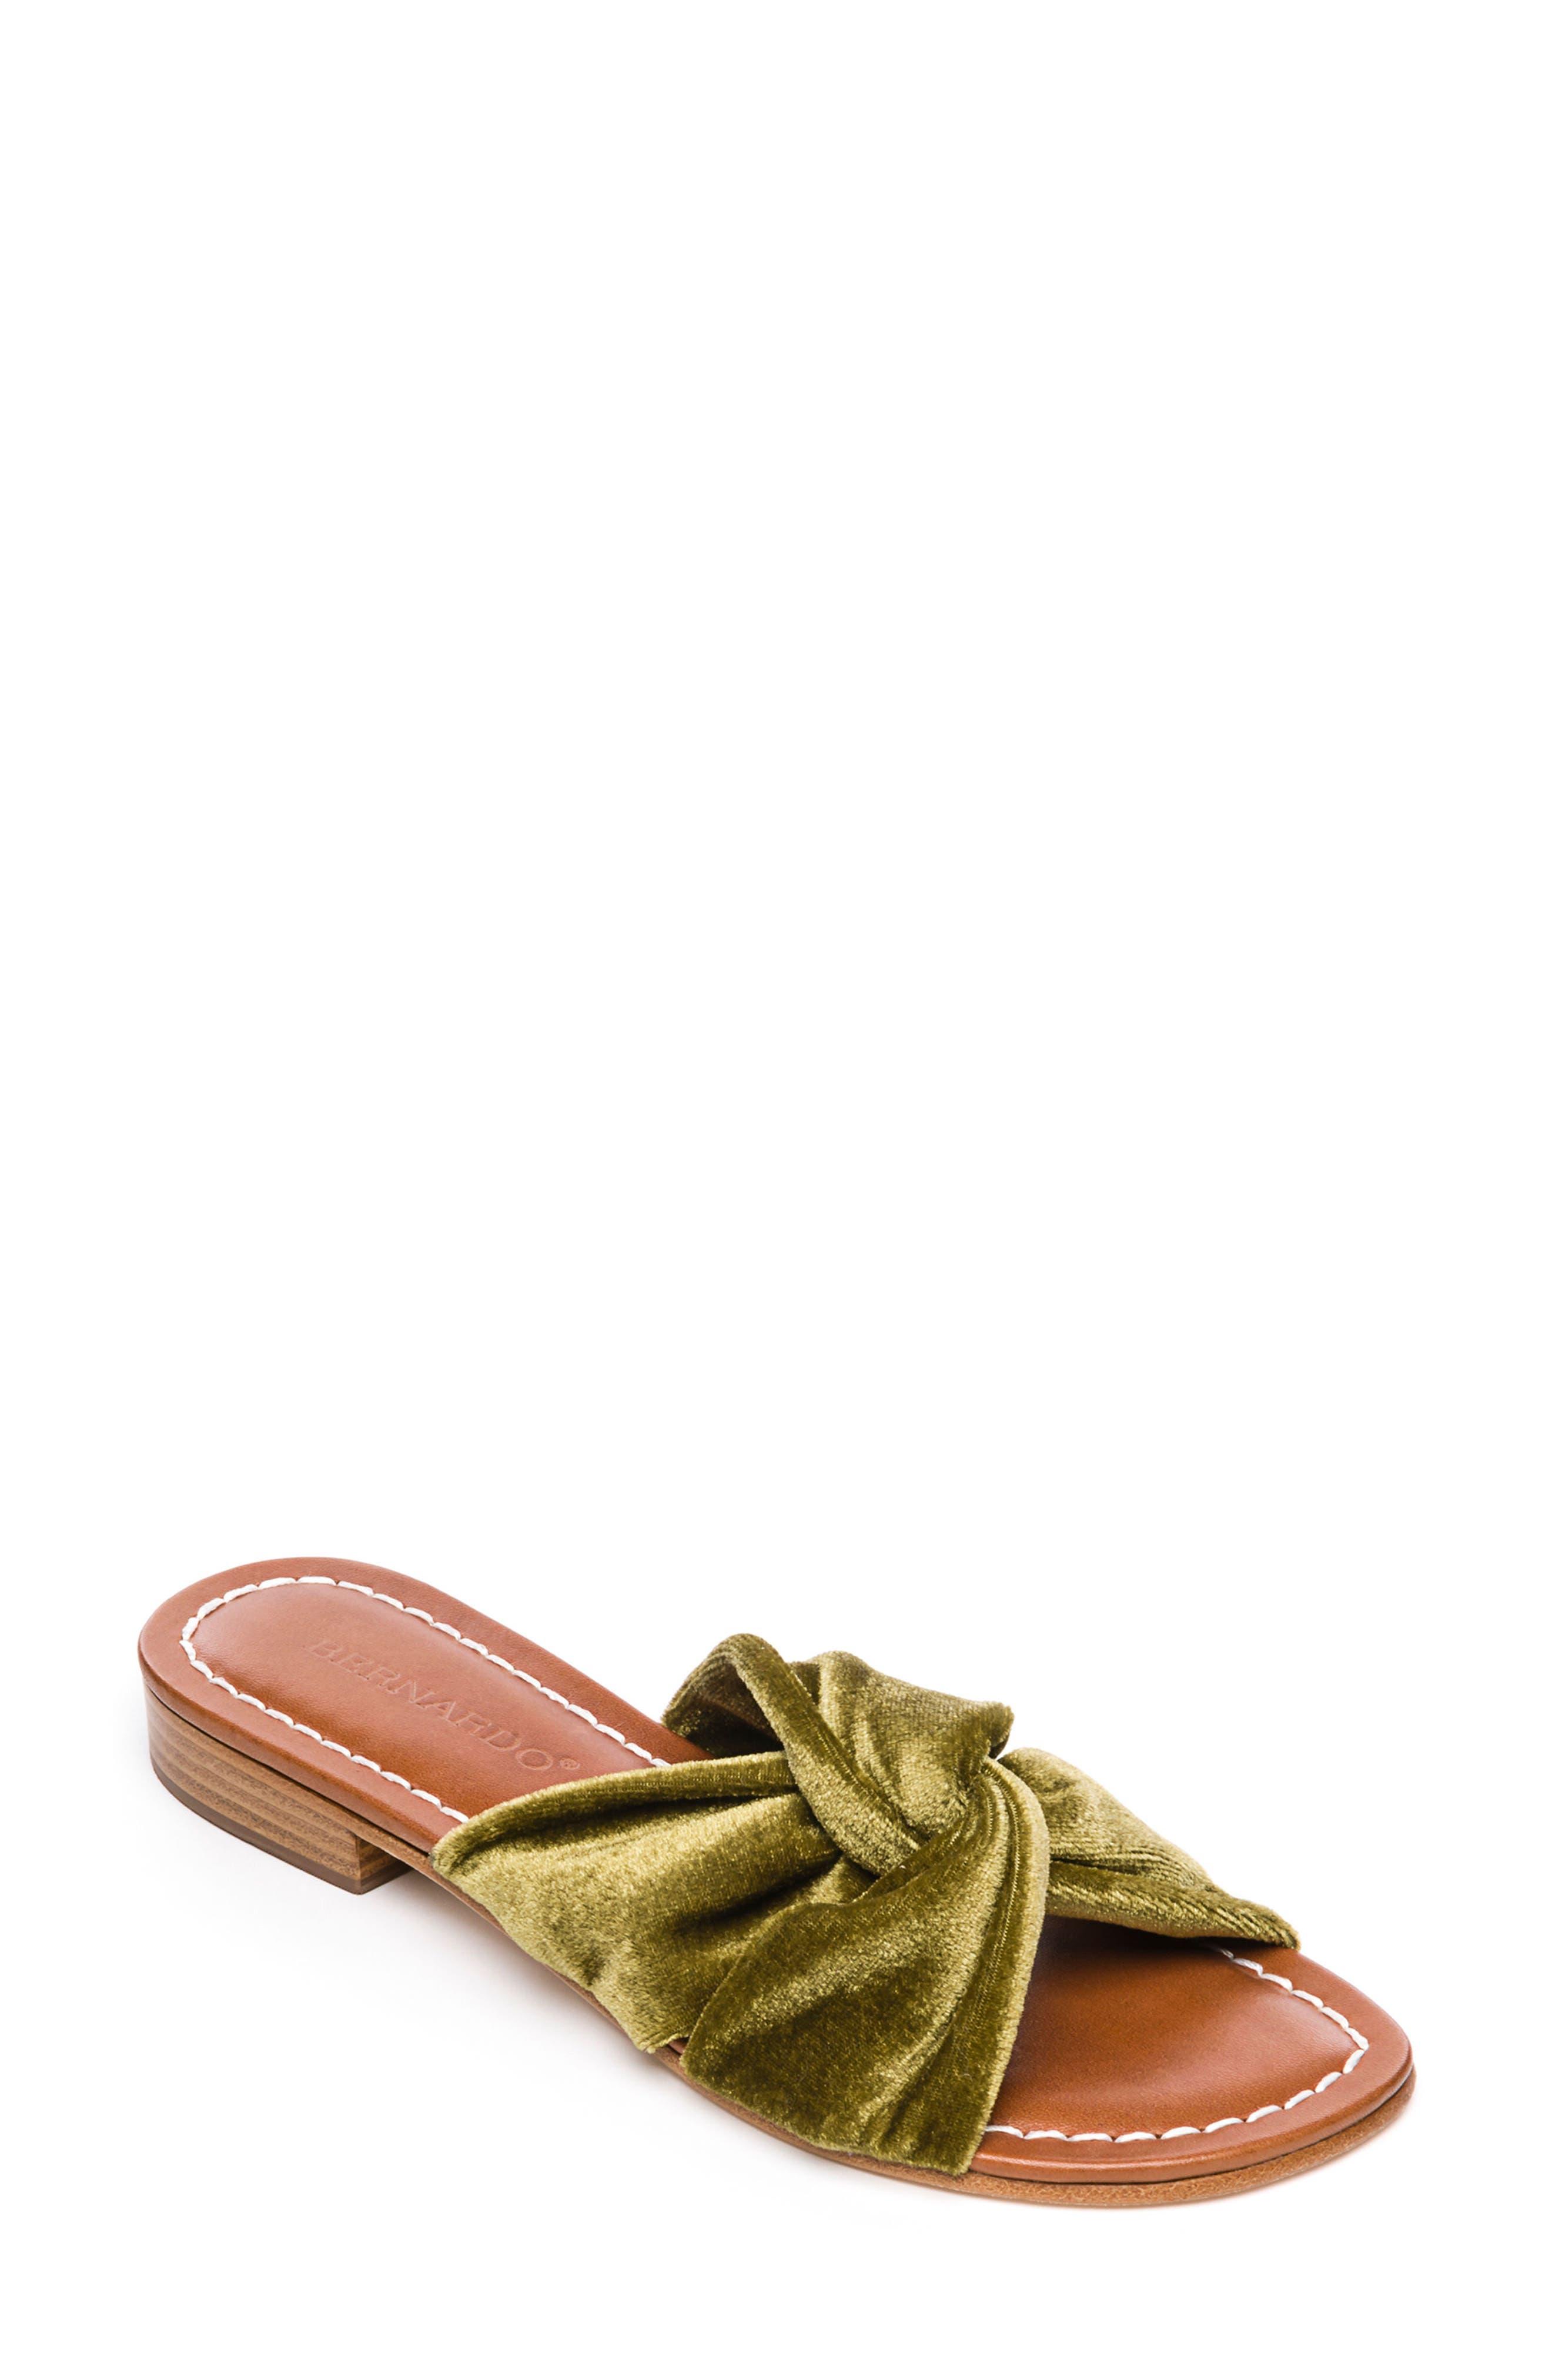 Bernardo Tiffany Knotted Slide Sandal,                             Main thumbnail 1, color,                             Clasico Velvet